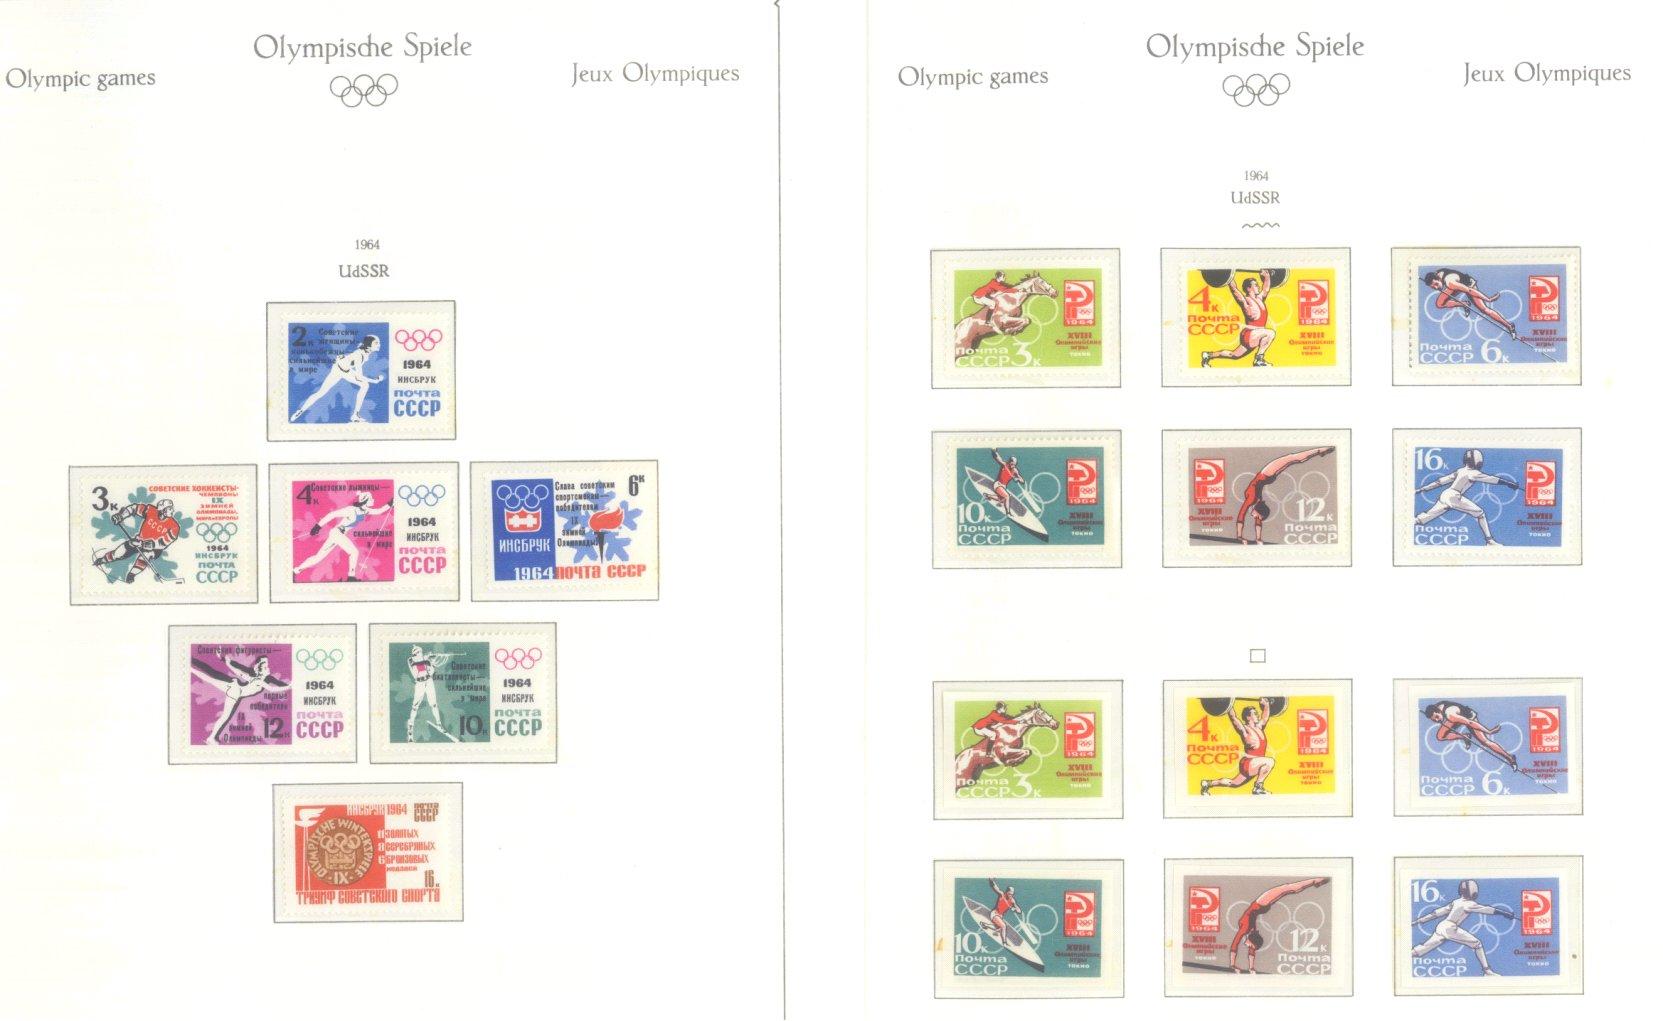 OLYMPISCHE SPIELE 1964 TOKIO, postfrische Sammlung Teil 2-44